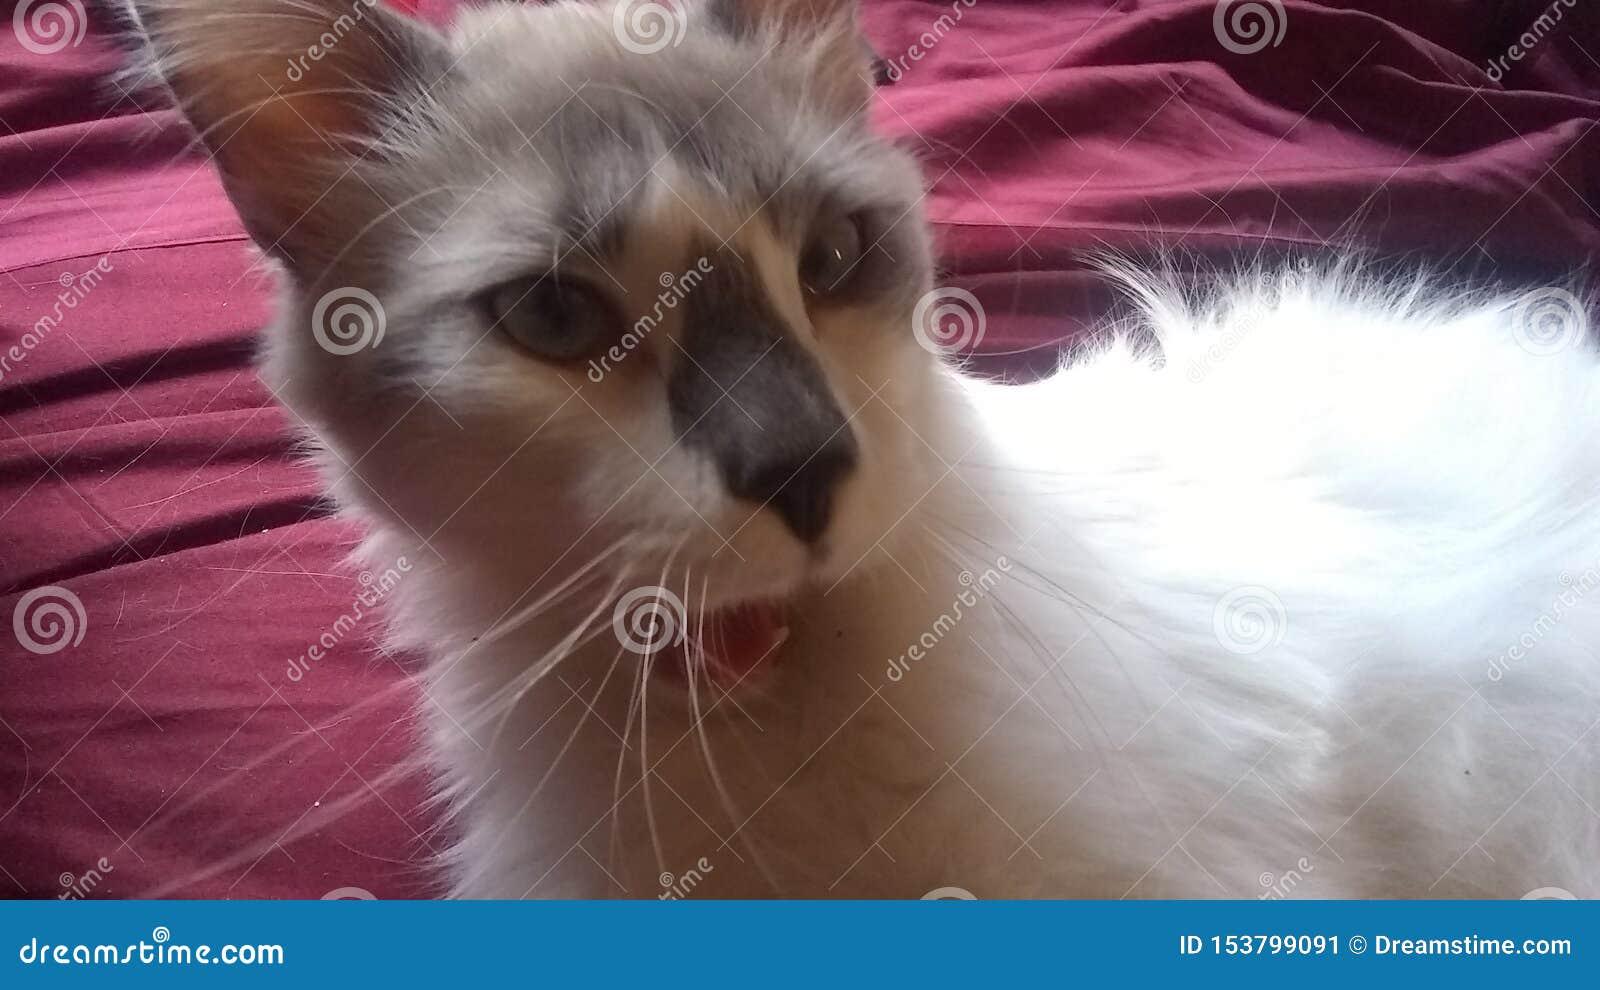 Οι γάτες είναι οικογένεια επίσης--& x22 huh, το U πήρε me& x22